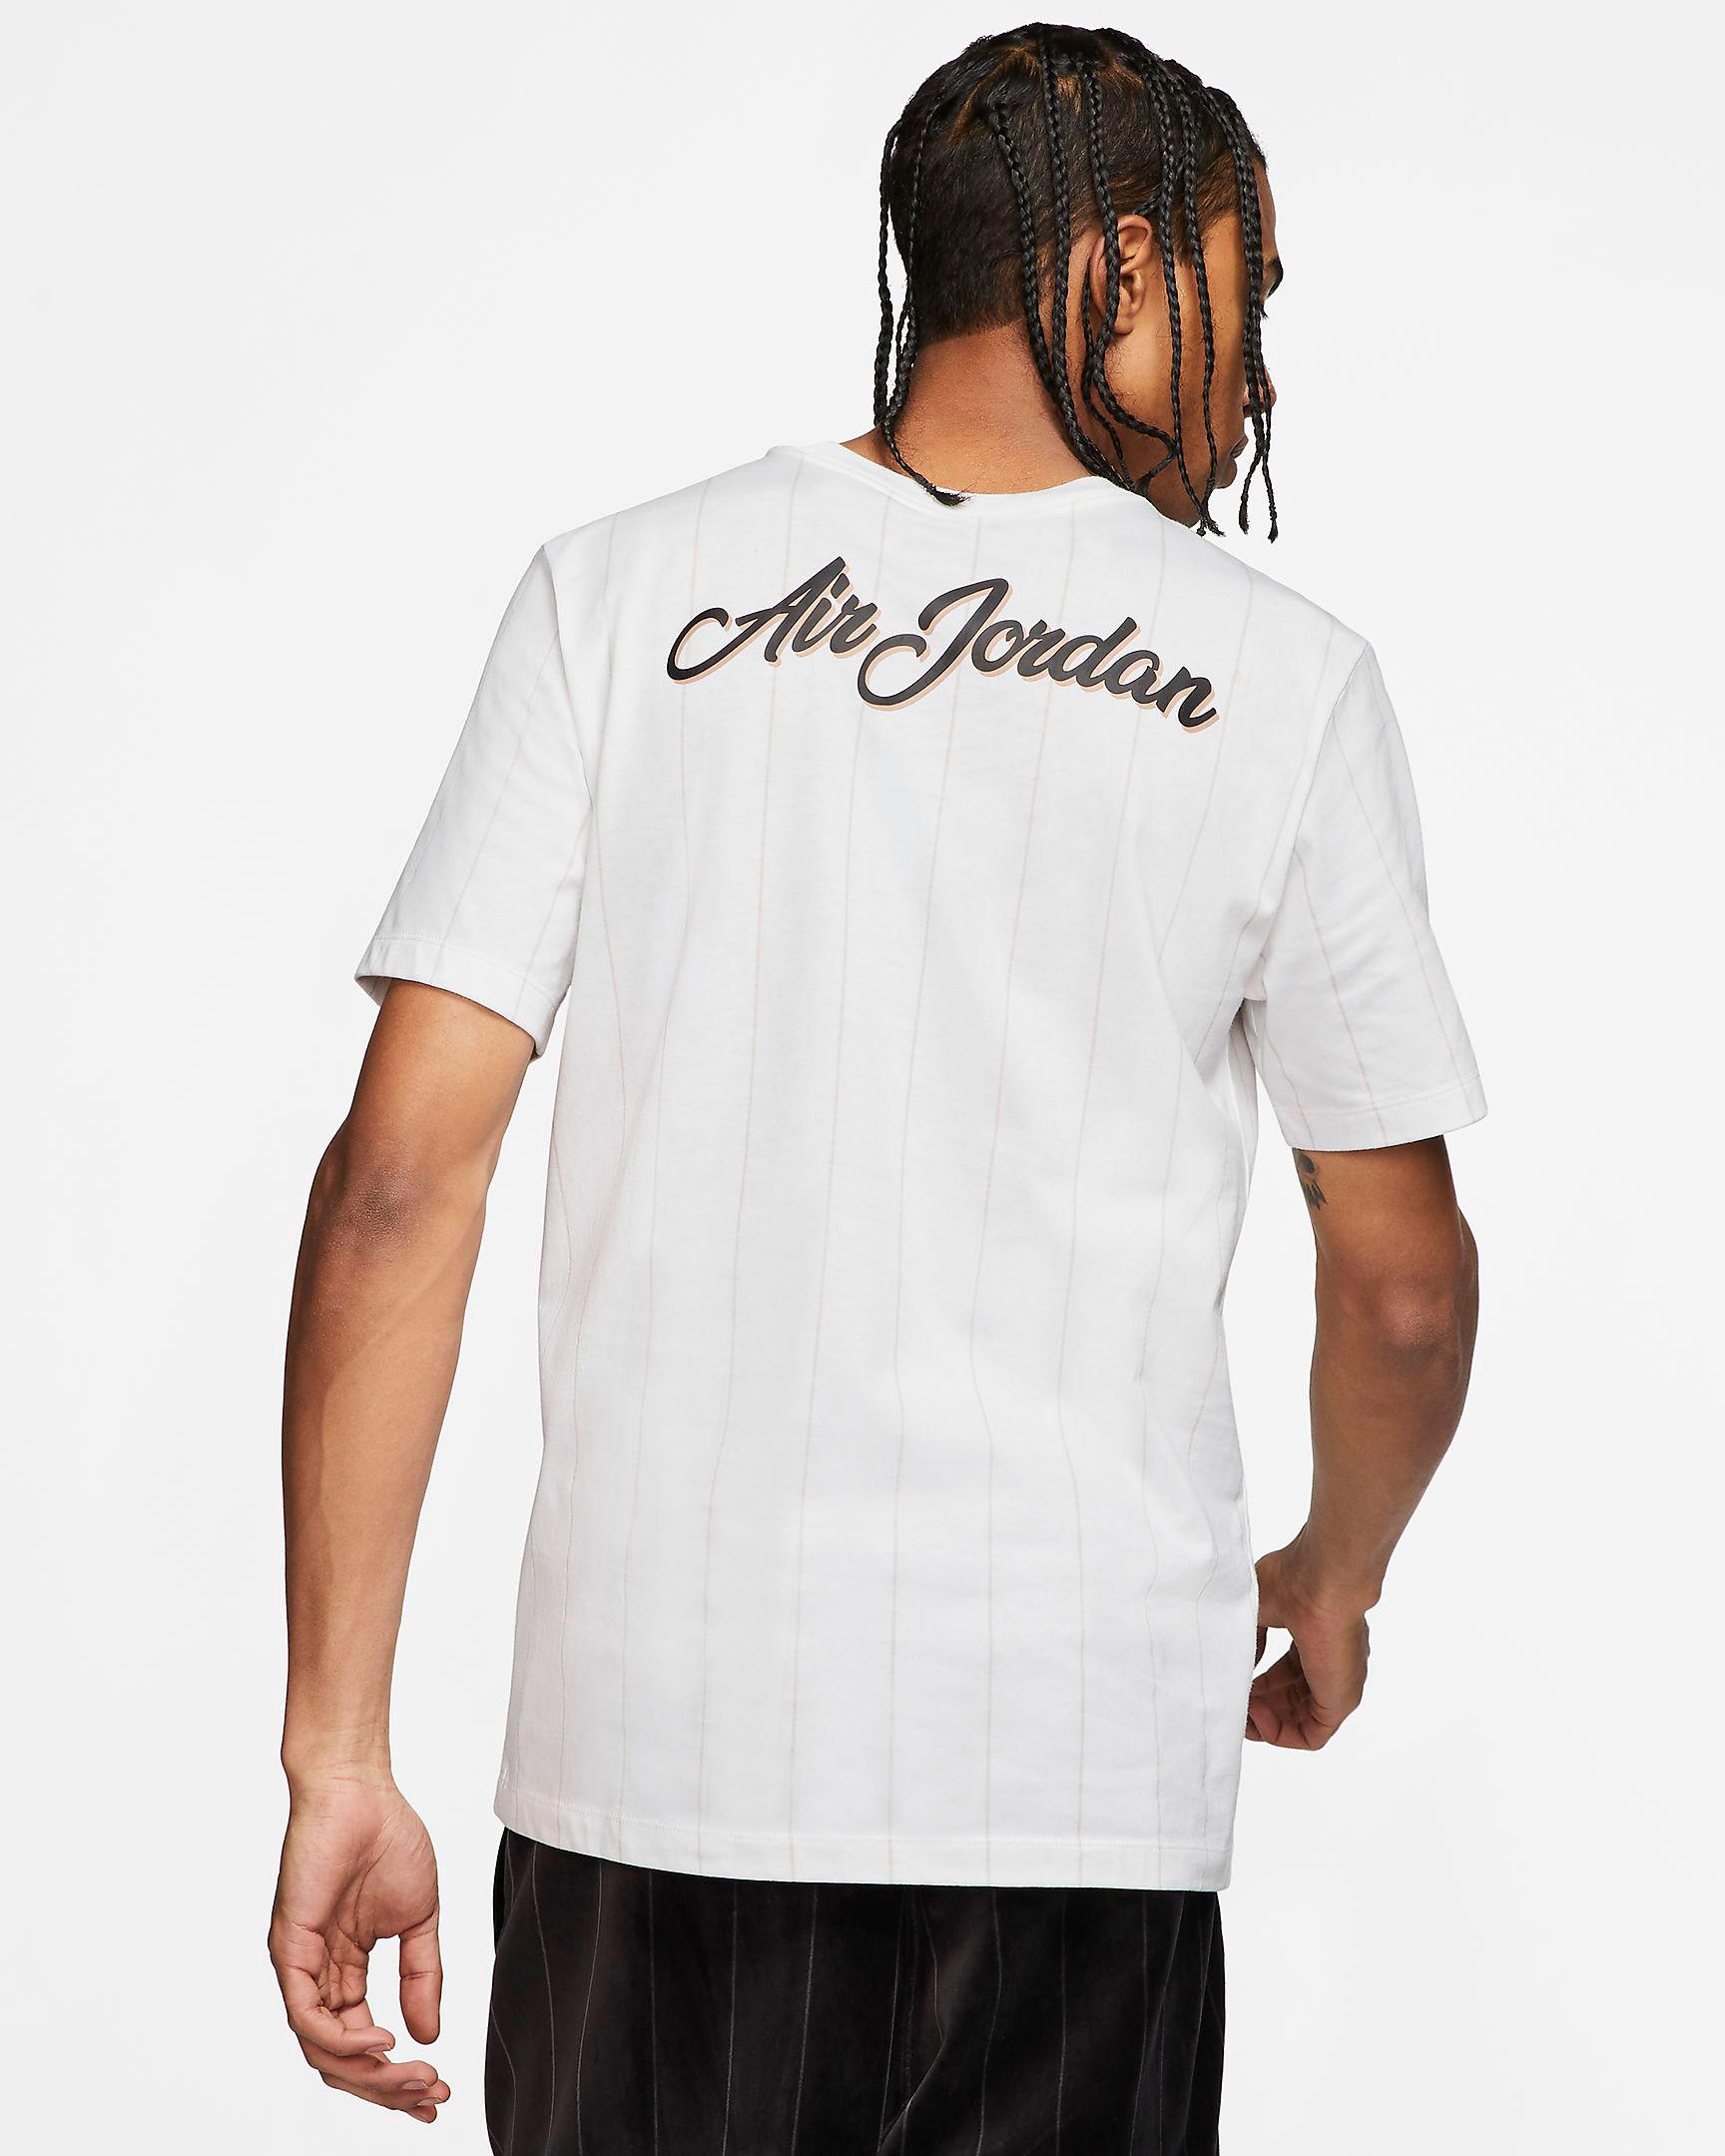 jordan-remastered-t-shirt-white-black-pink-2